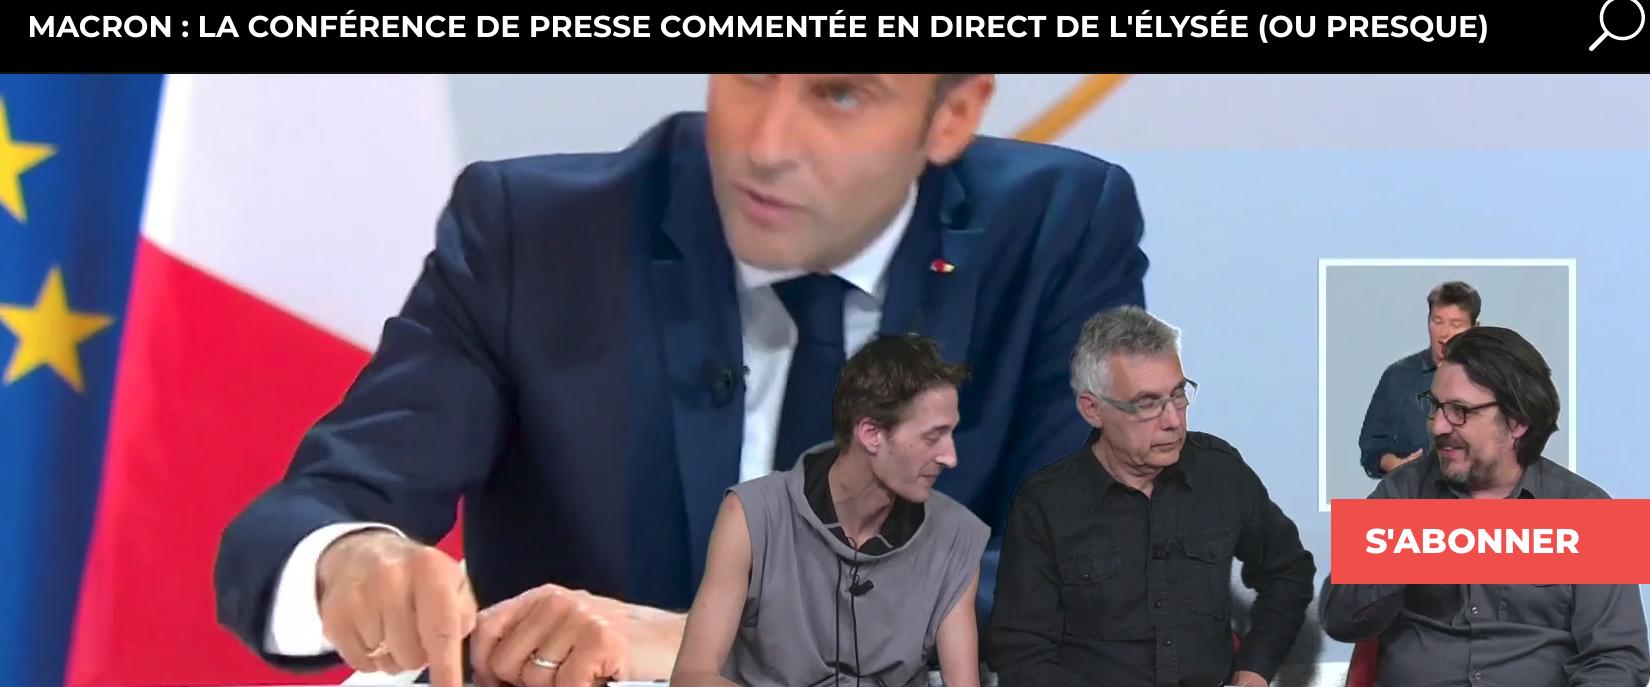 La conférence de presse de Macron comme peu de personnes l'ont vue !